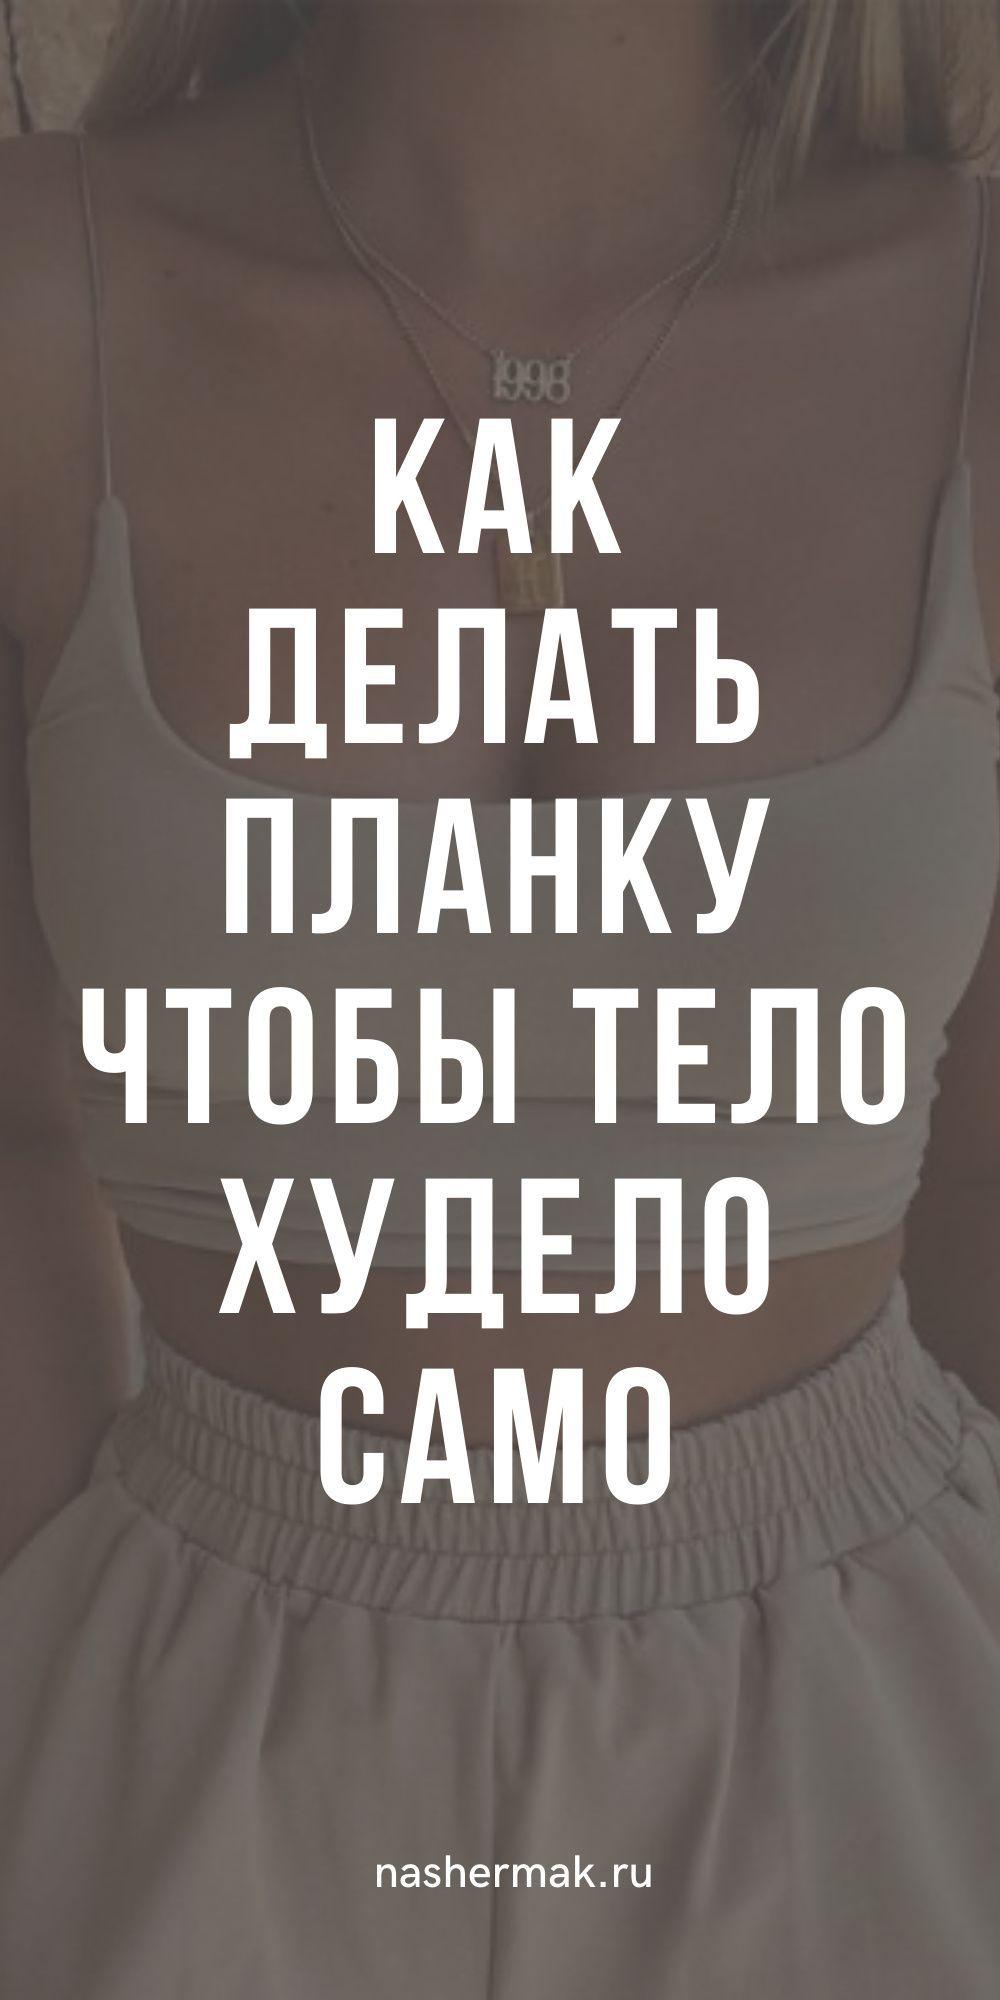 Крутое упражнение для всех групп мышц: планка   nashermak.ru